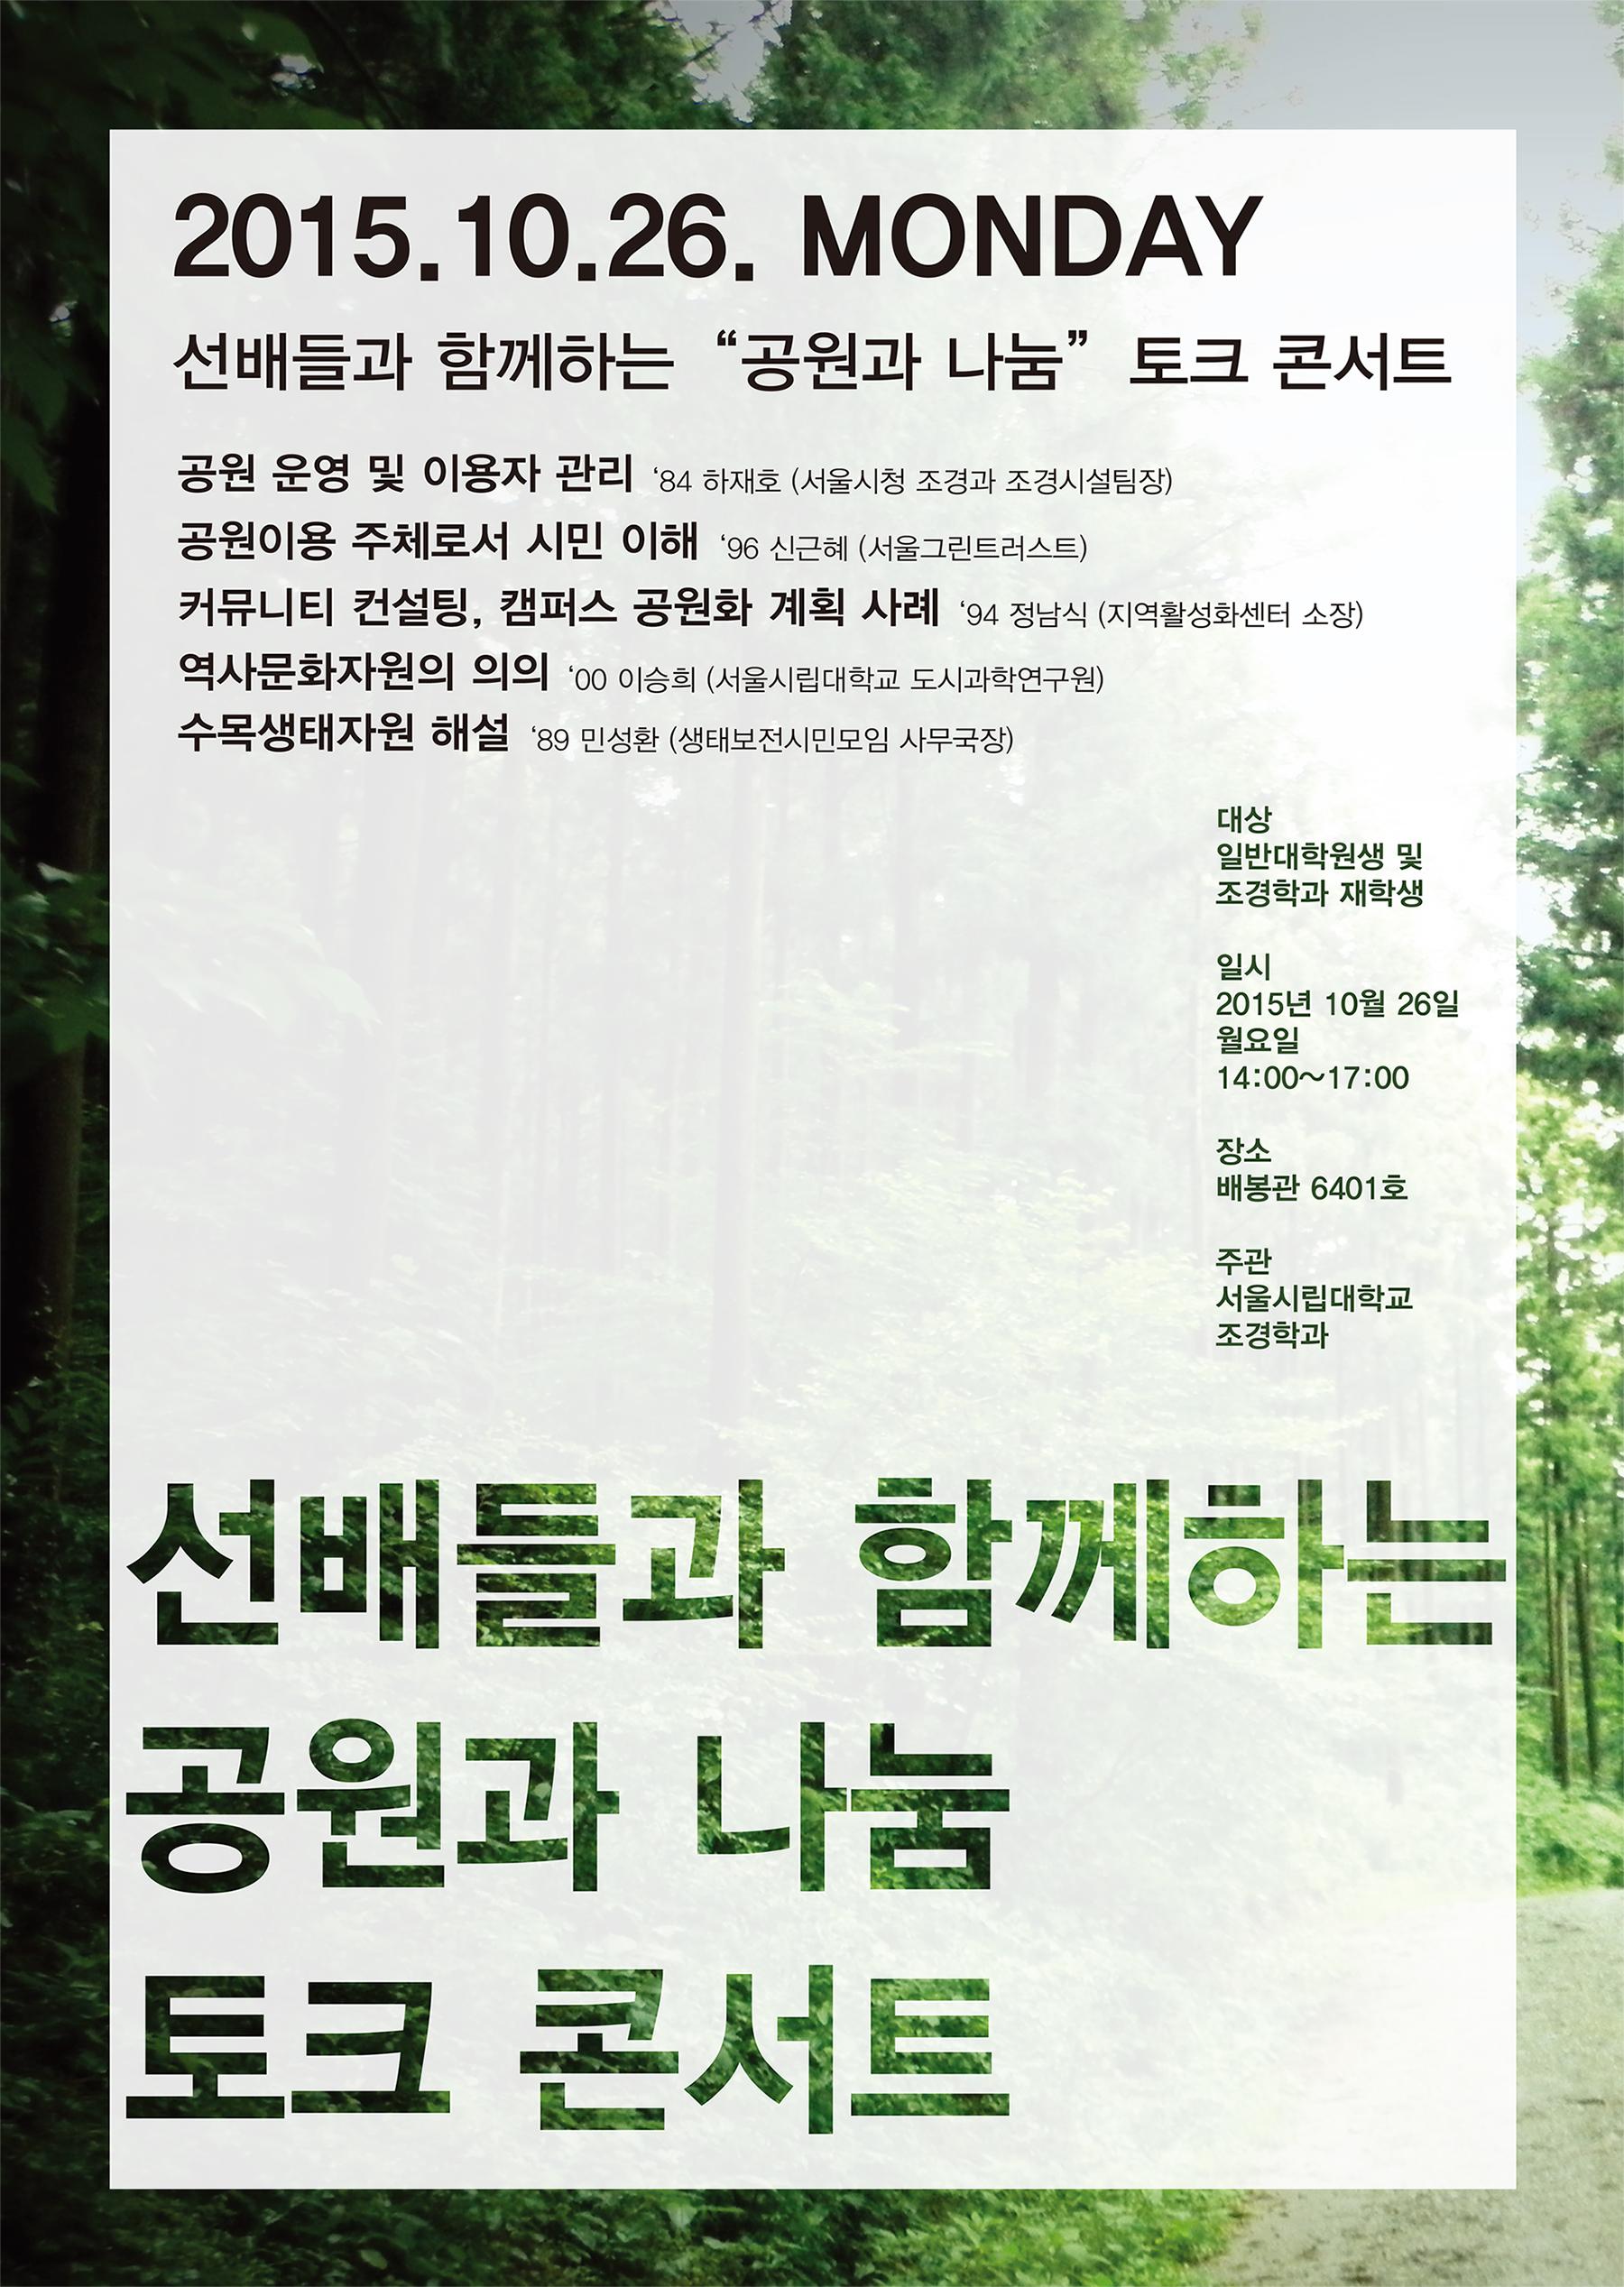 20151026 선배들과 함께하는 공원과 나눔 토크 콘서트 ver.jpg